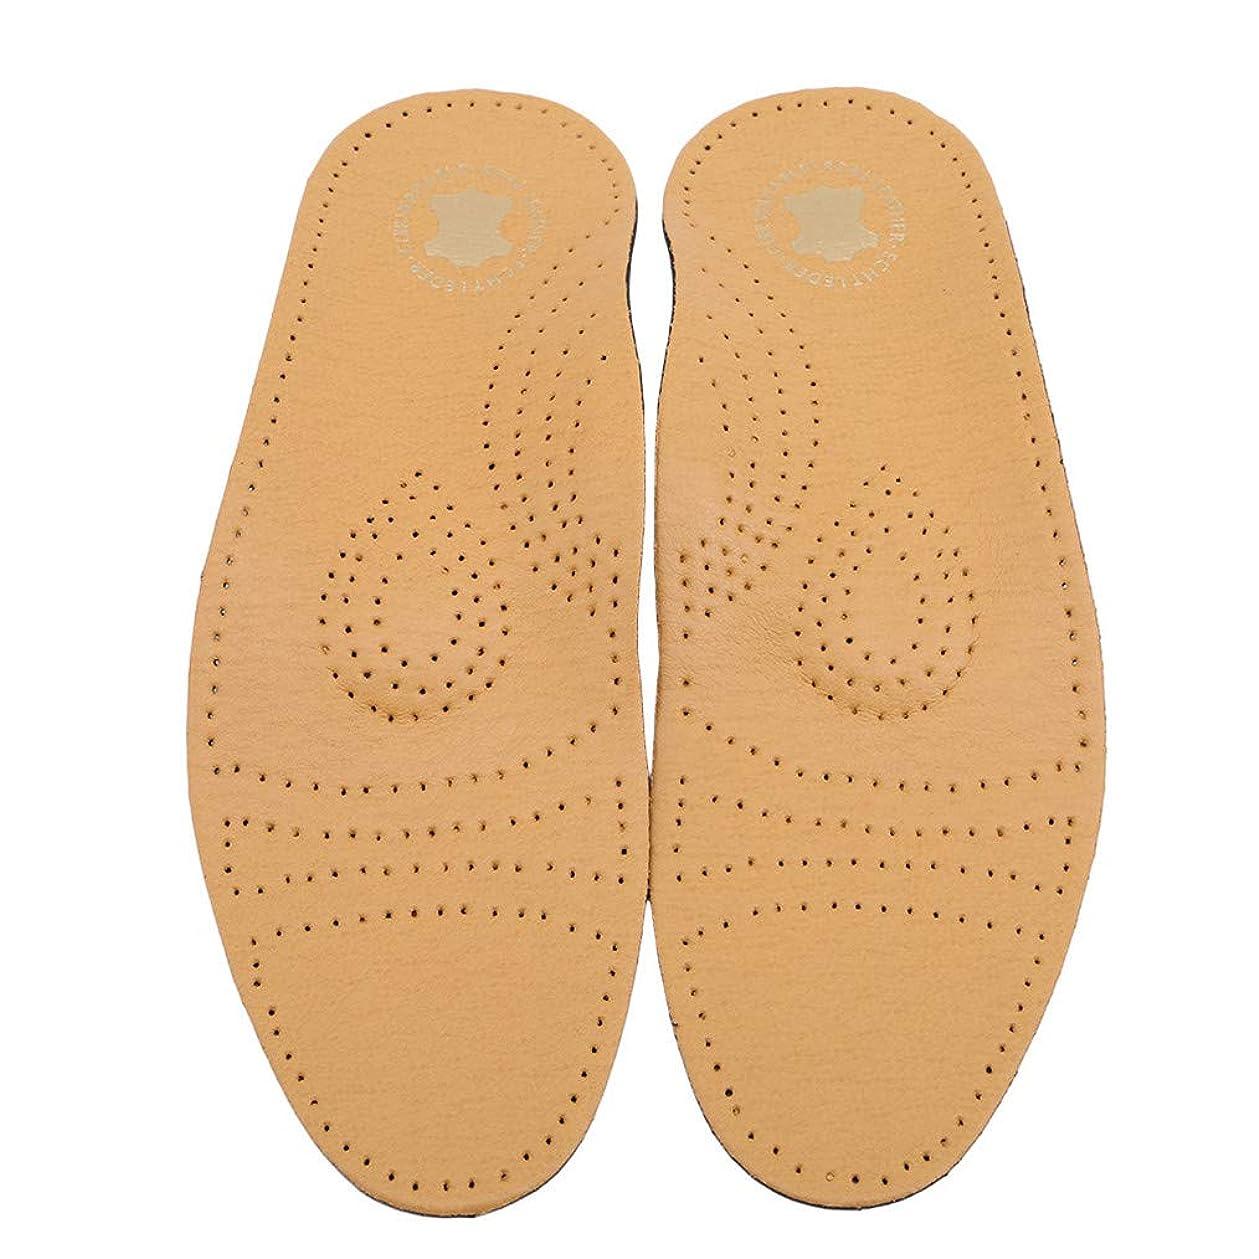 倫理的プレフィックスパスタCngstar 活性炭模造レザーアーチフルパッド イミテーションレザーインソール 靴アクセサリー (サイズ1)